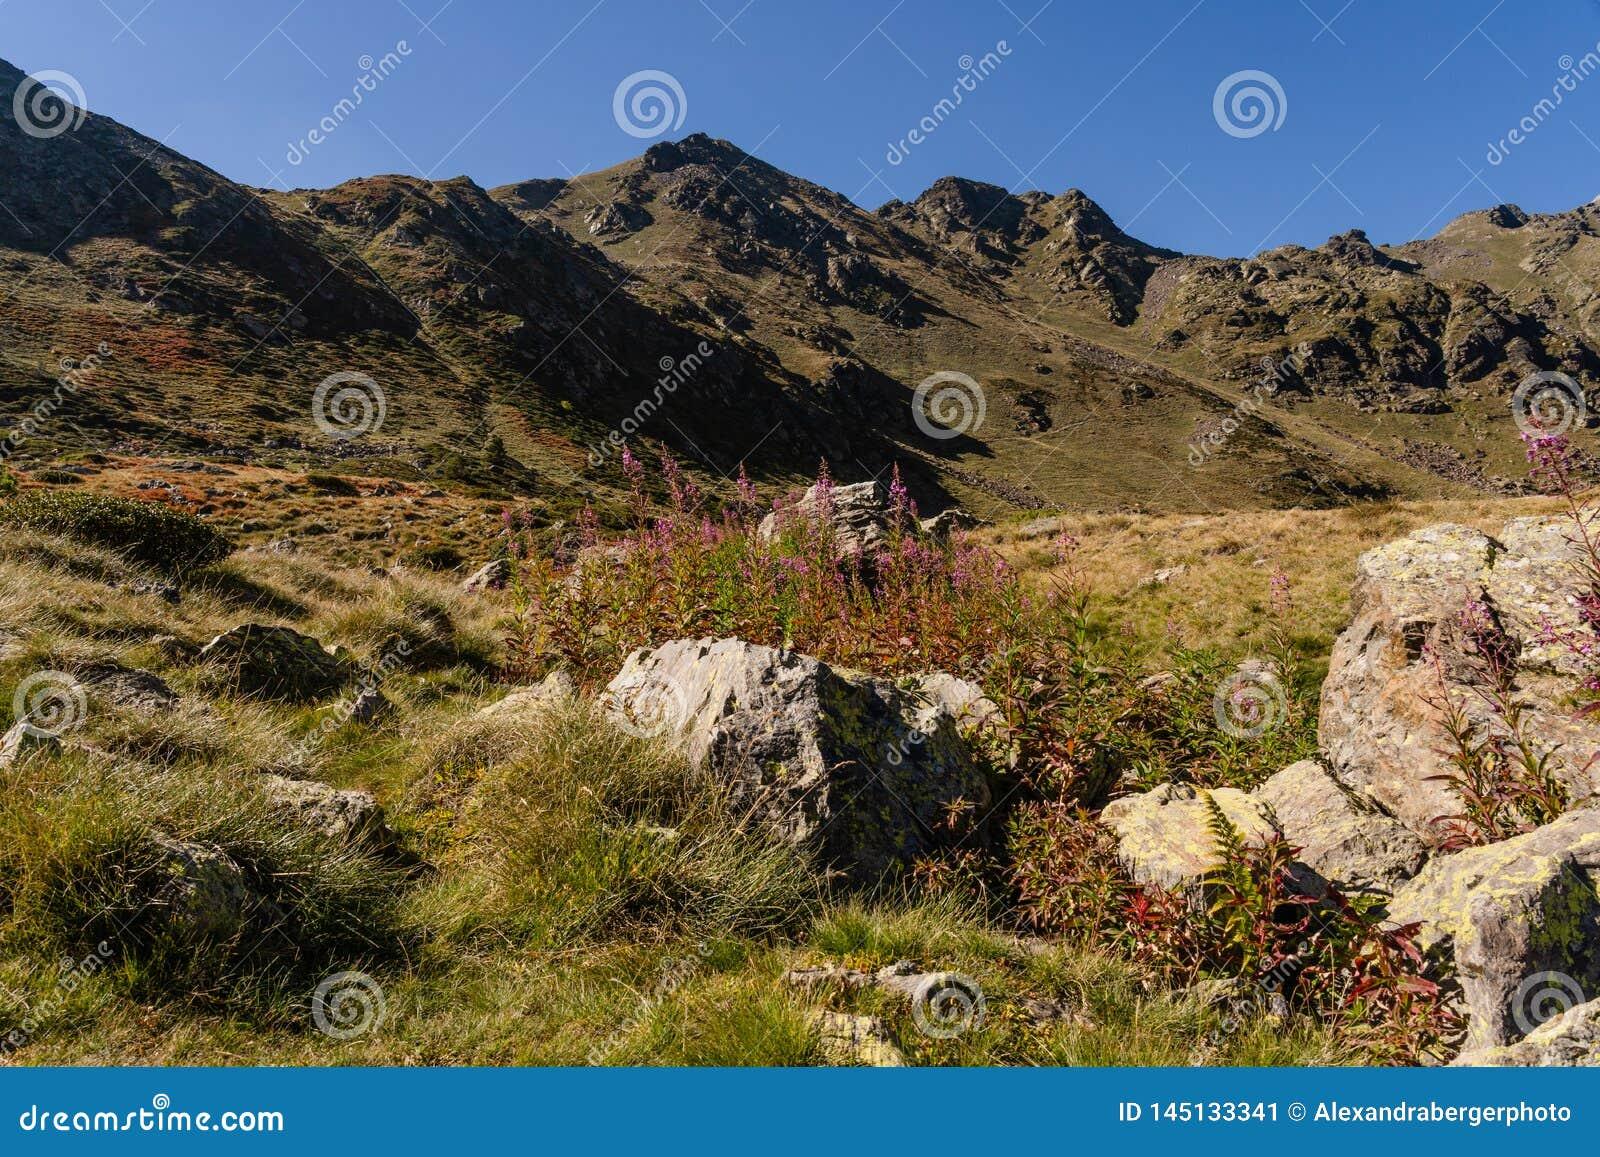 Ruta en el Parc Natural de la Vall de Arteny, los Pirineos, Andorra